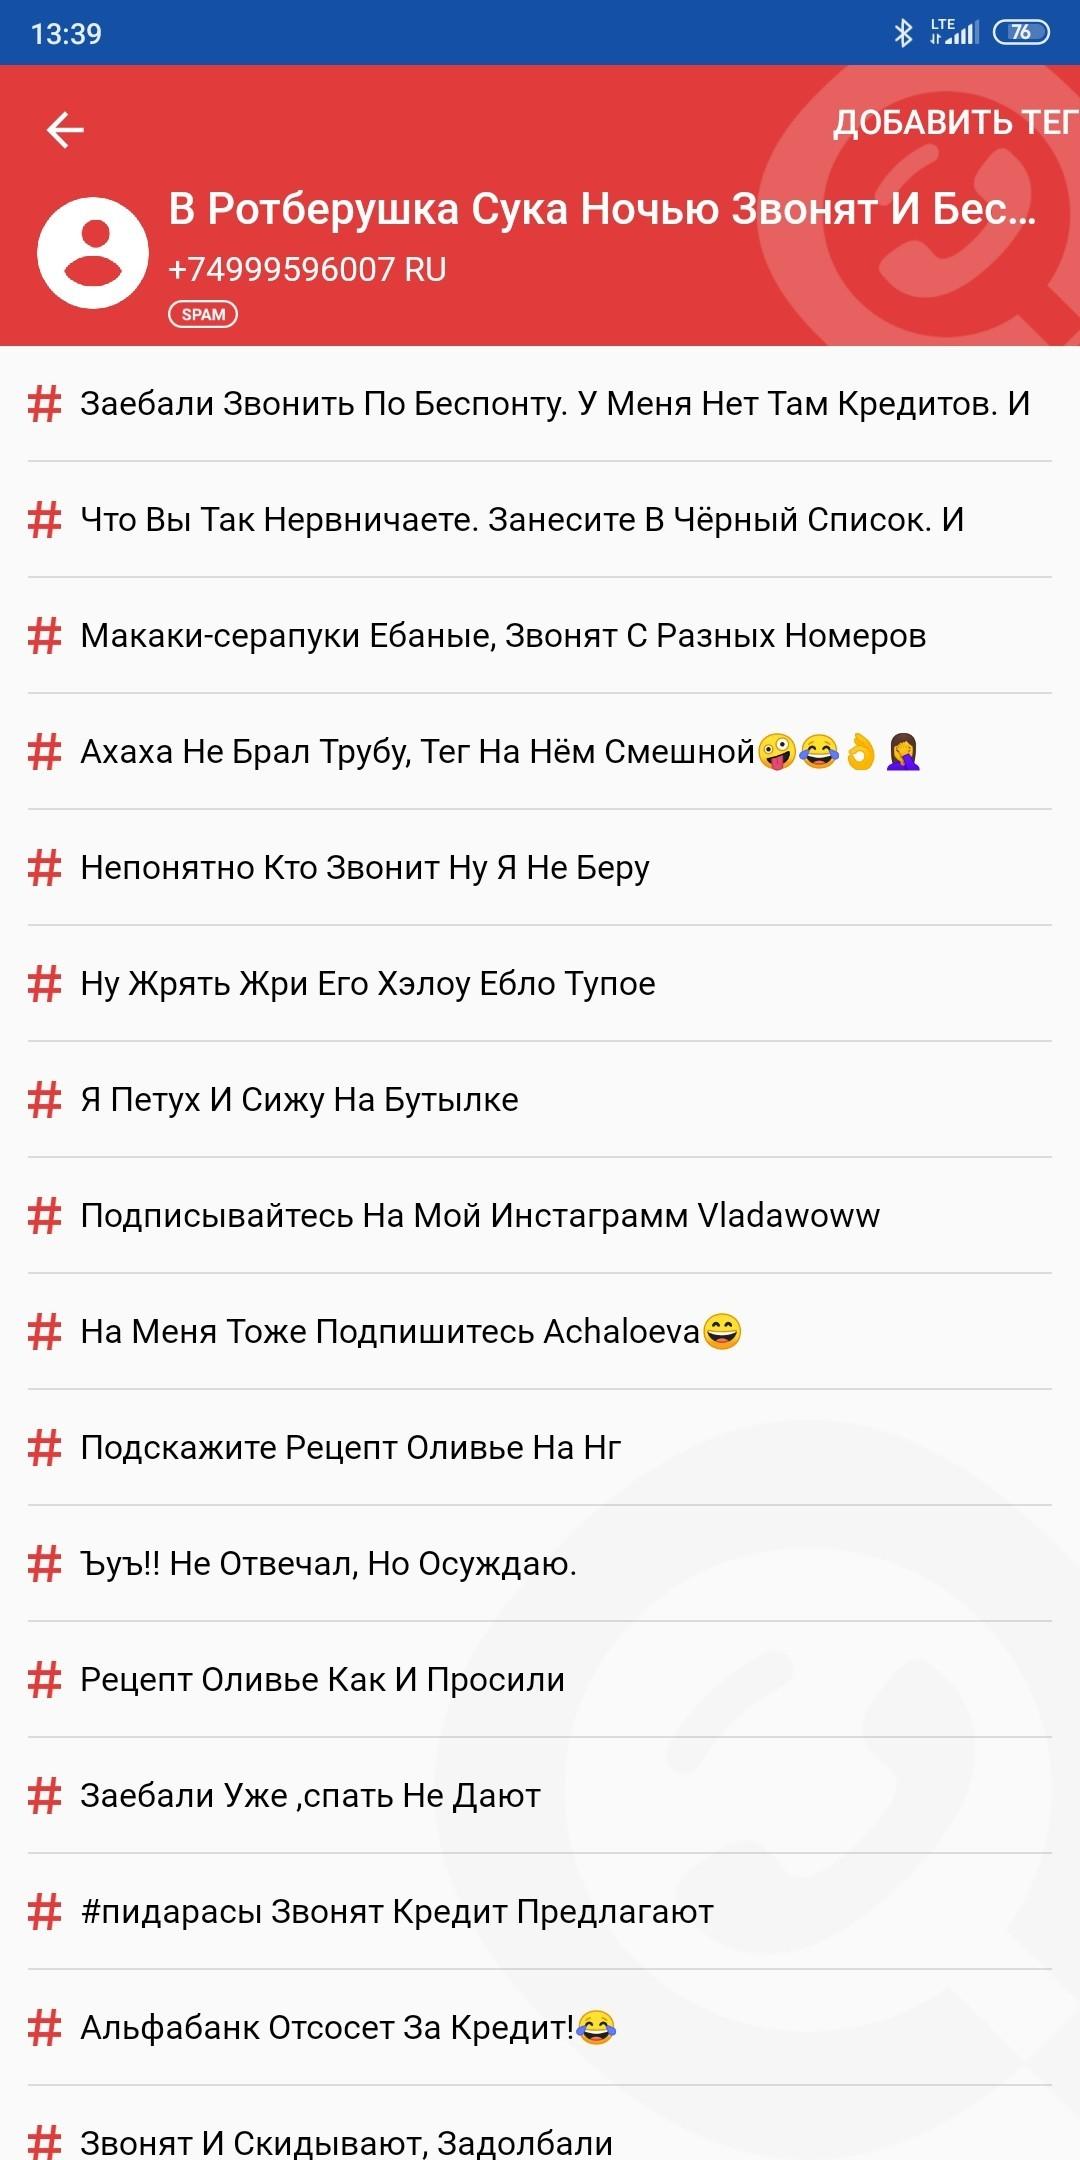 онлайн займы на карту срочно без проверки bez-otkaza-srazu.ru